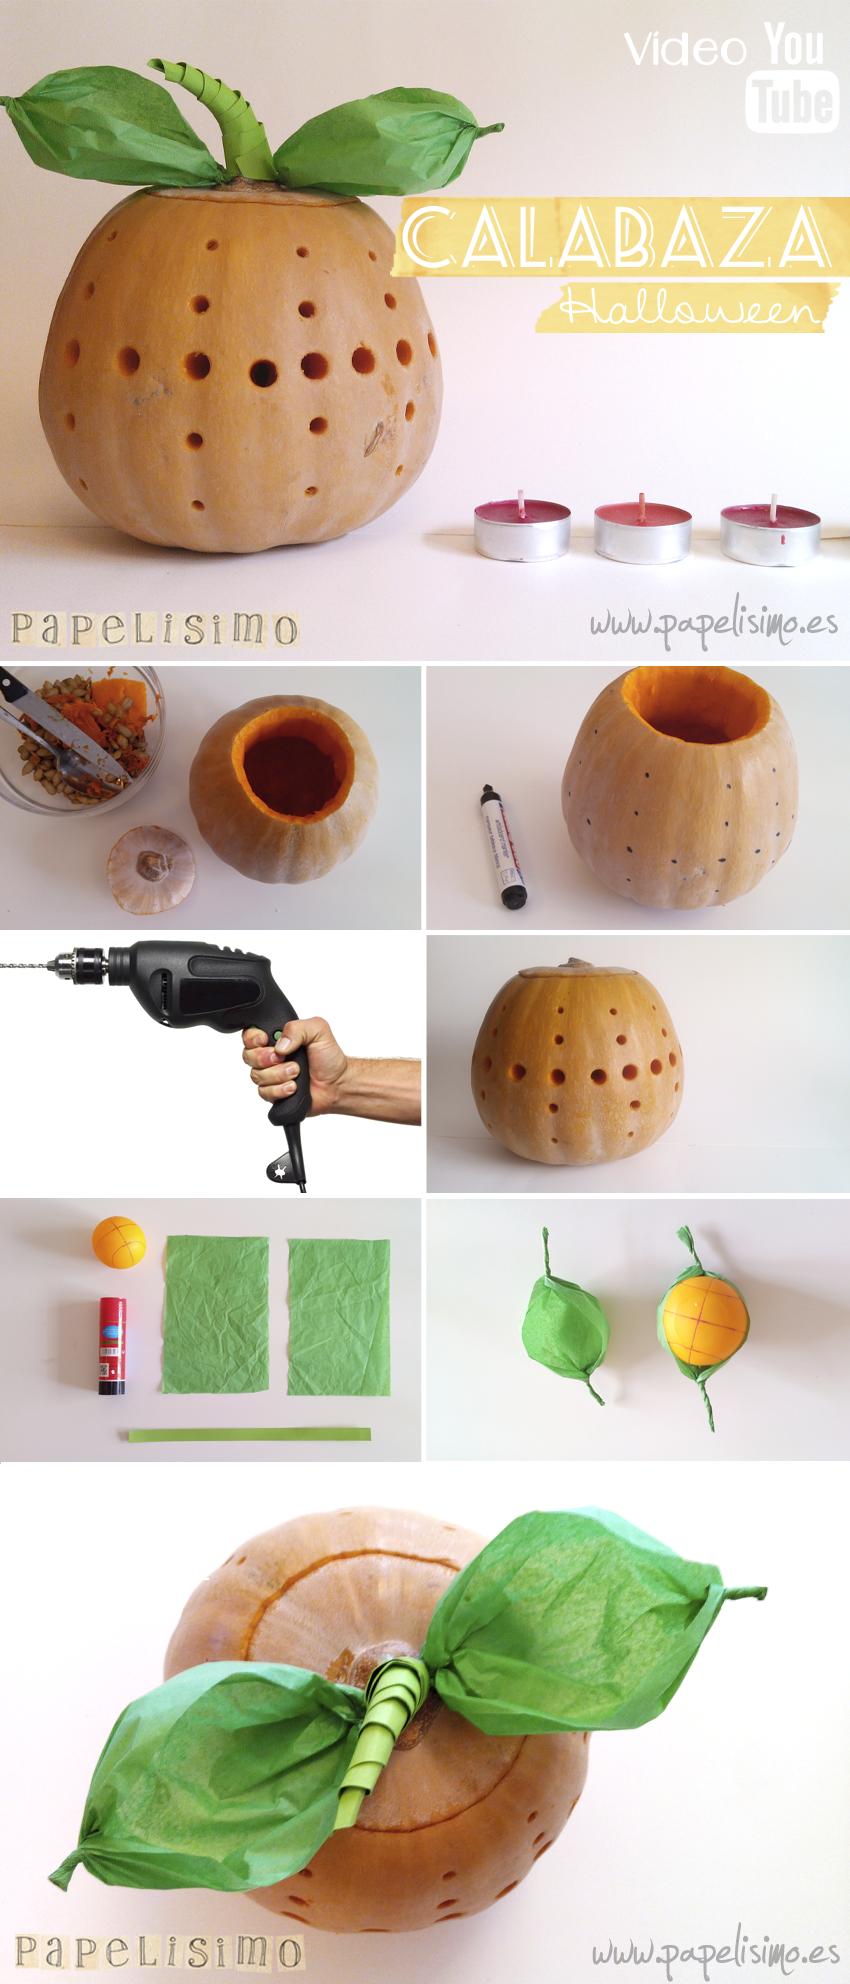 Calabaza de Halloween usando taladro - Papelisimo